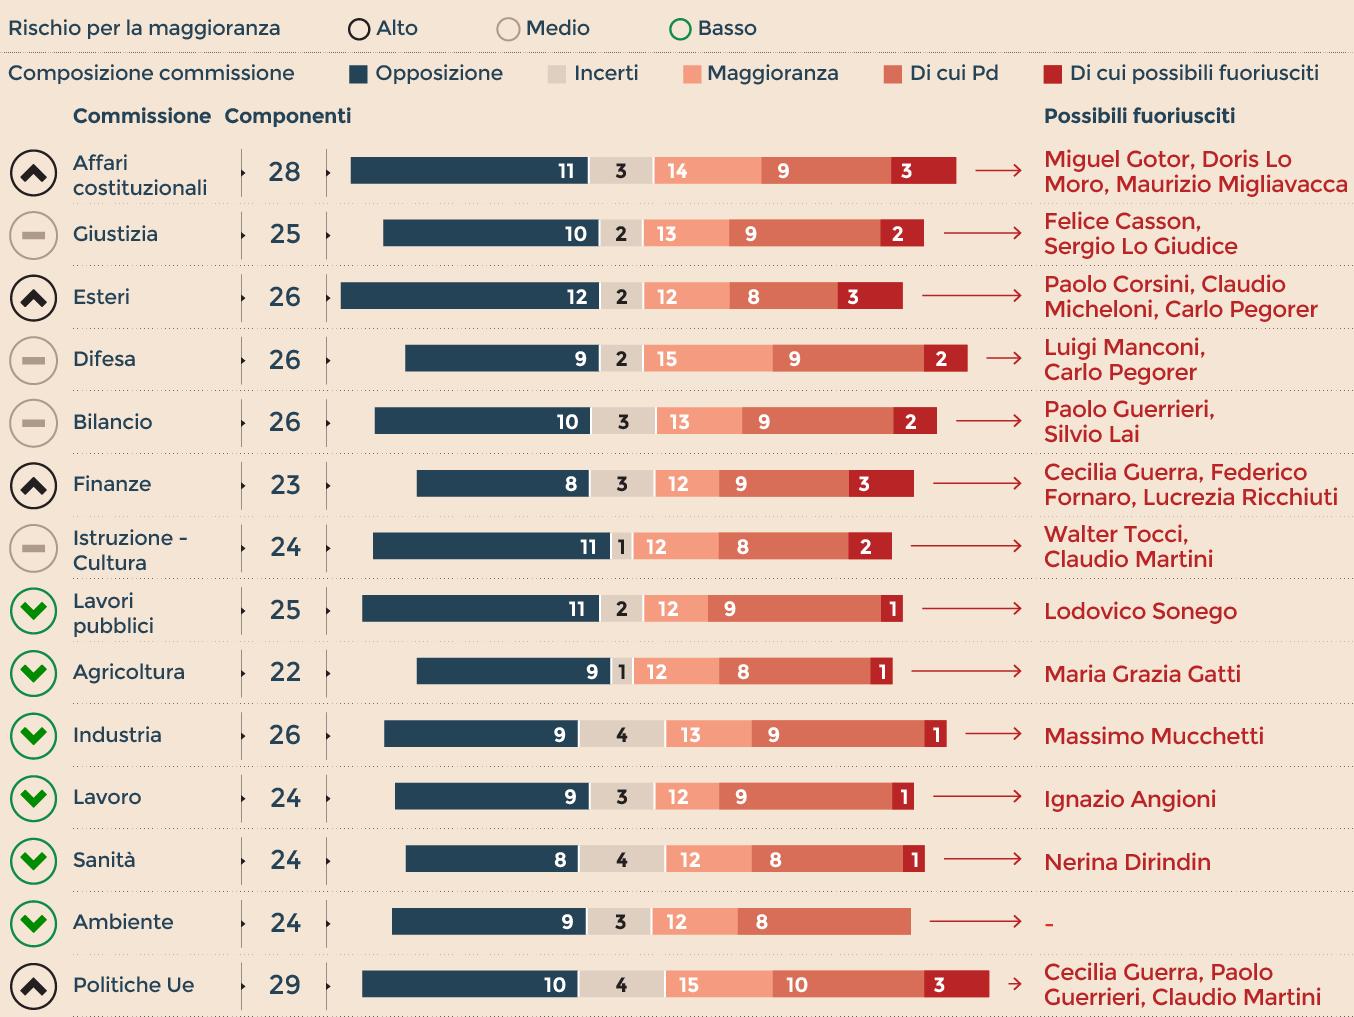 Commissioni al Senato: gli equilibri a rischio per la maggioranza